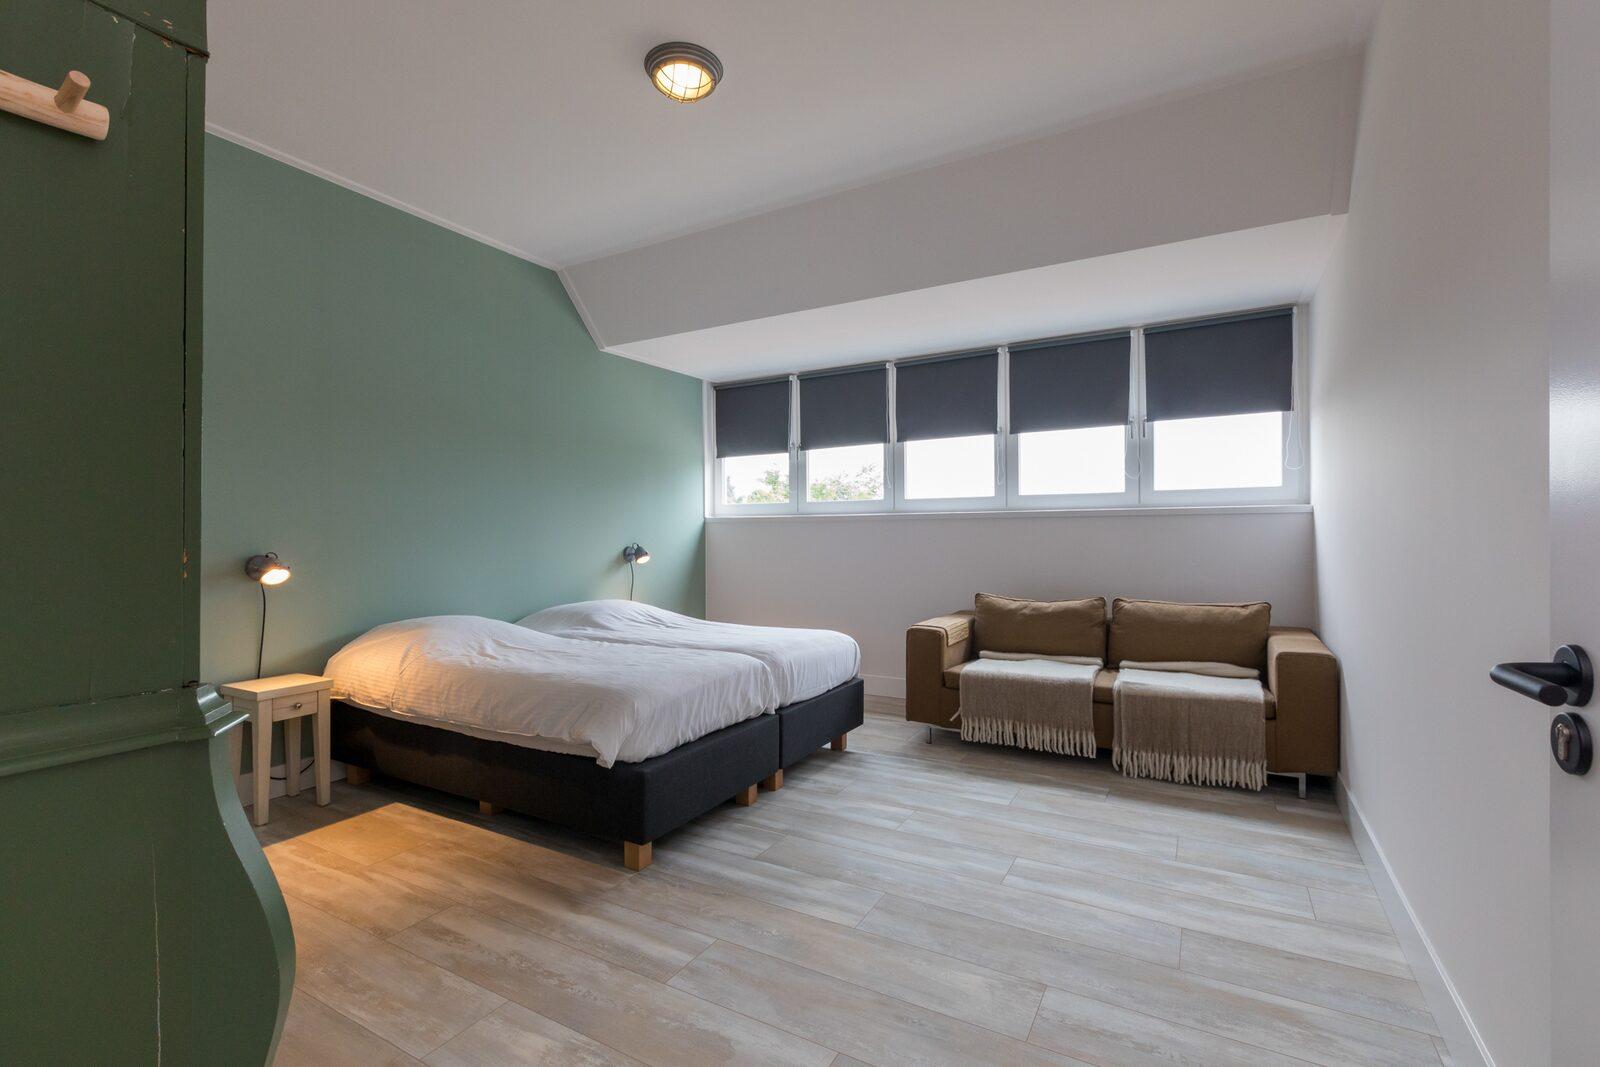 Guesthouse 12 - 16 personen - Wielemakersbaan 6 | Dishoek